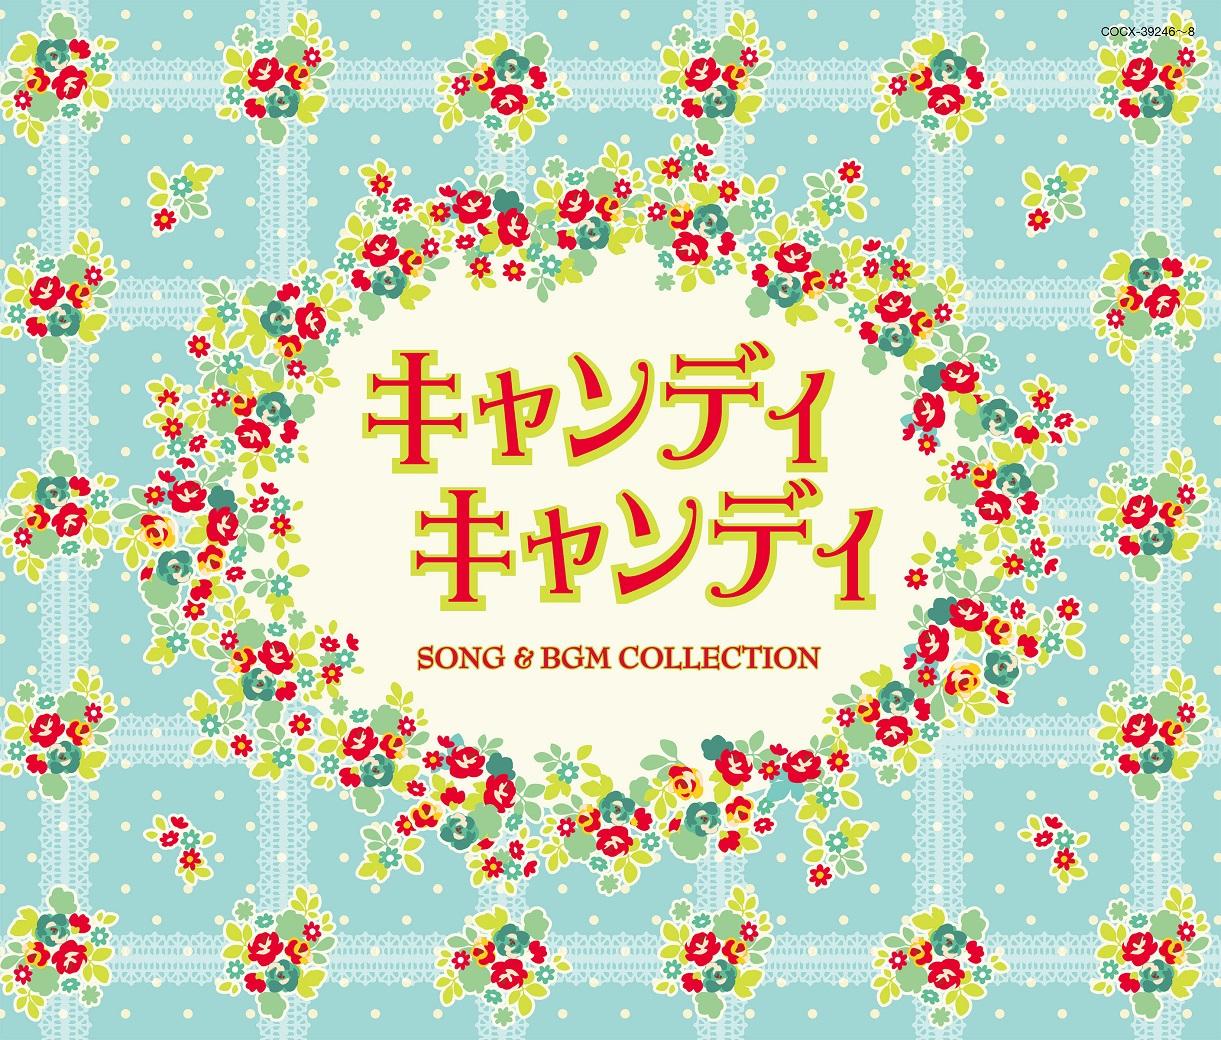 アニメ『キャンディ・キャンディ』CDコレクション発売 コロムビアの未商品化・未CD化シリーズより登場